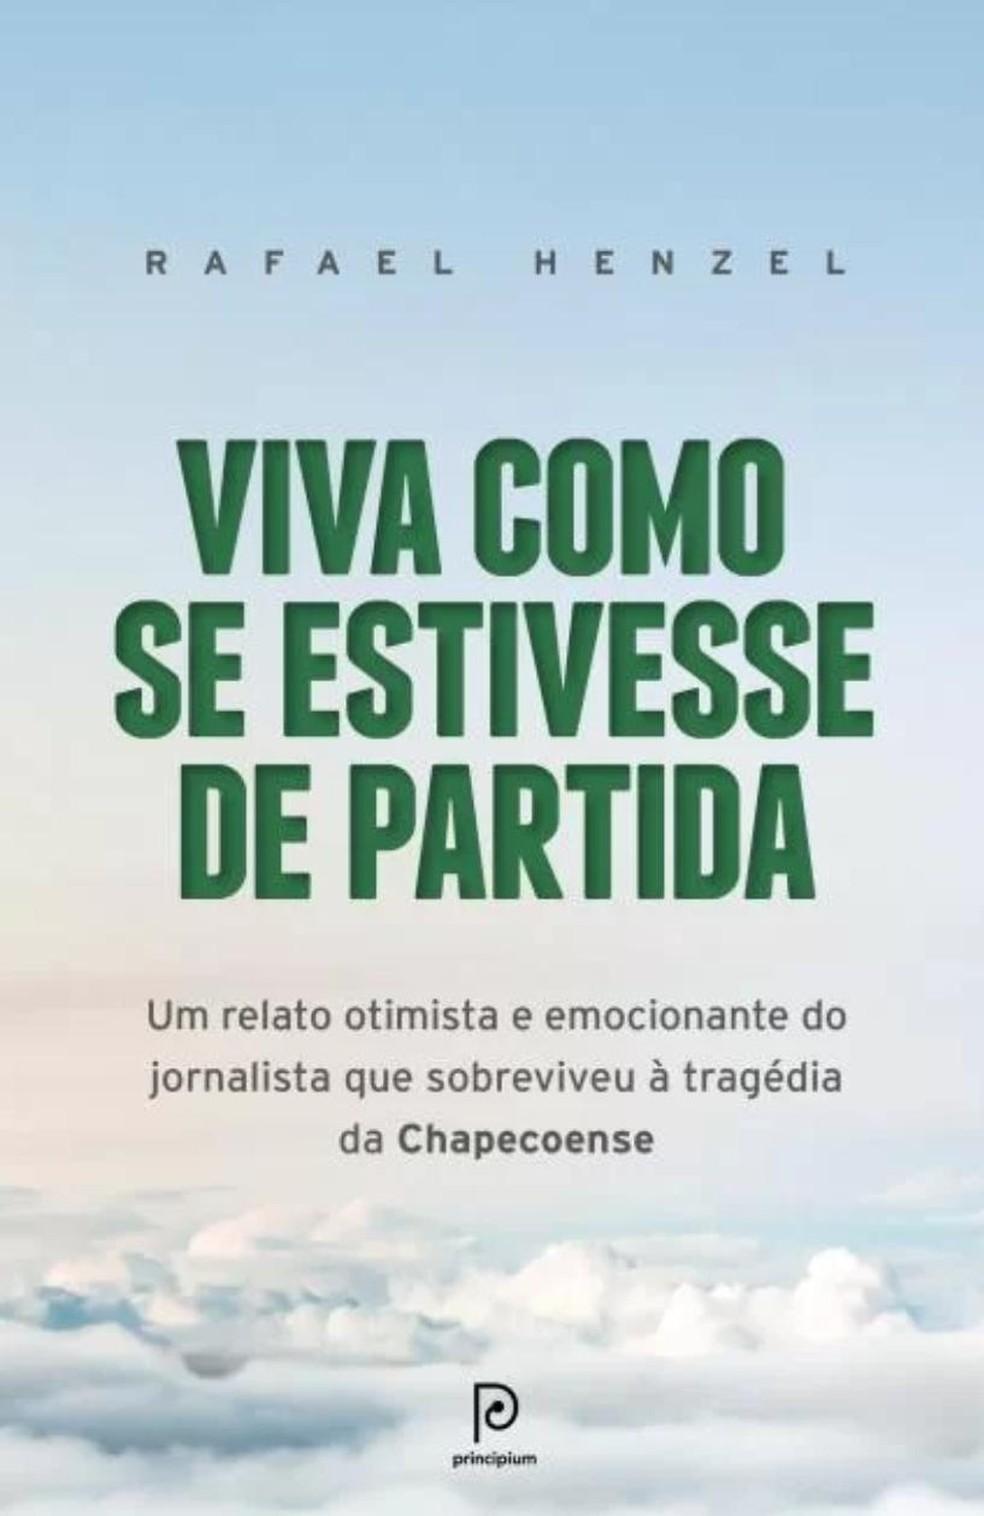 Livro 'Viva como se estivesse de partida', de Rafael Henzel — Foto: Divulgação